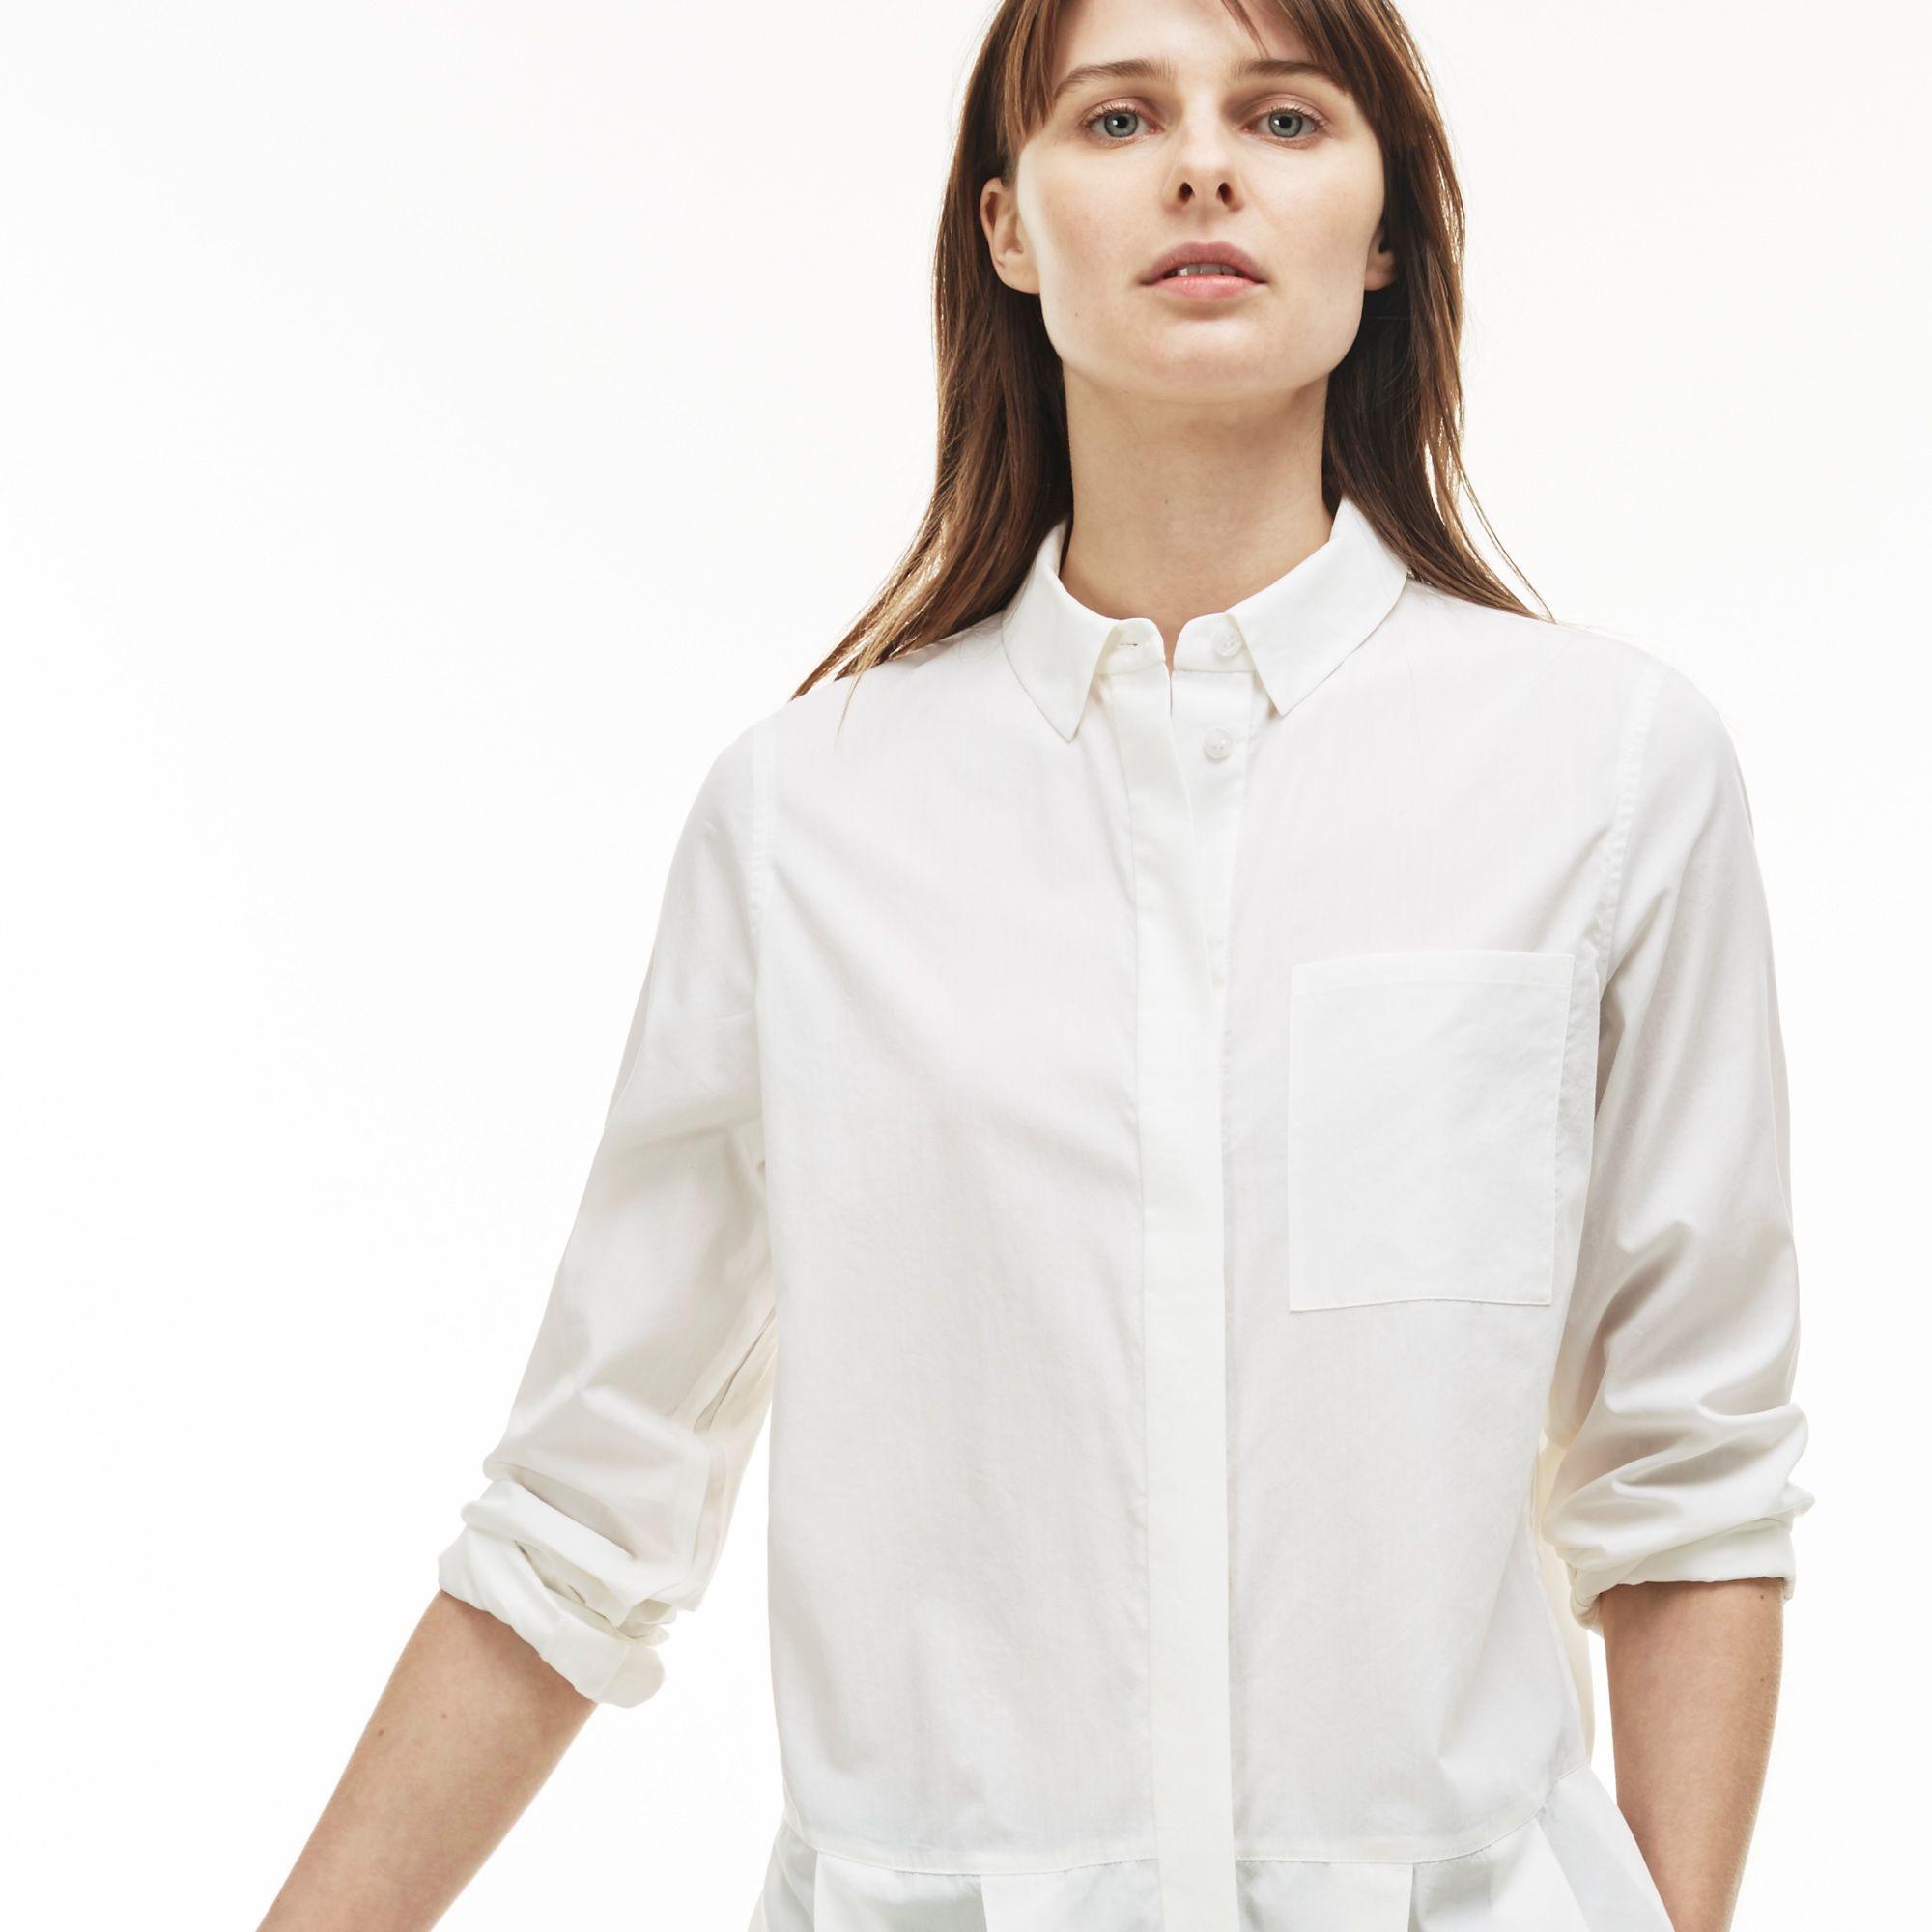 Рубашка Lacoste Regular fitБлузы и рубашки<br>Детали: стильная женская рубашка с плиссированным низом \ Материал: 84% хлопок 16% шелк \ Страна производства: Китай